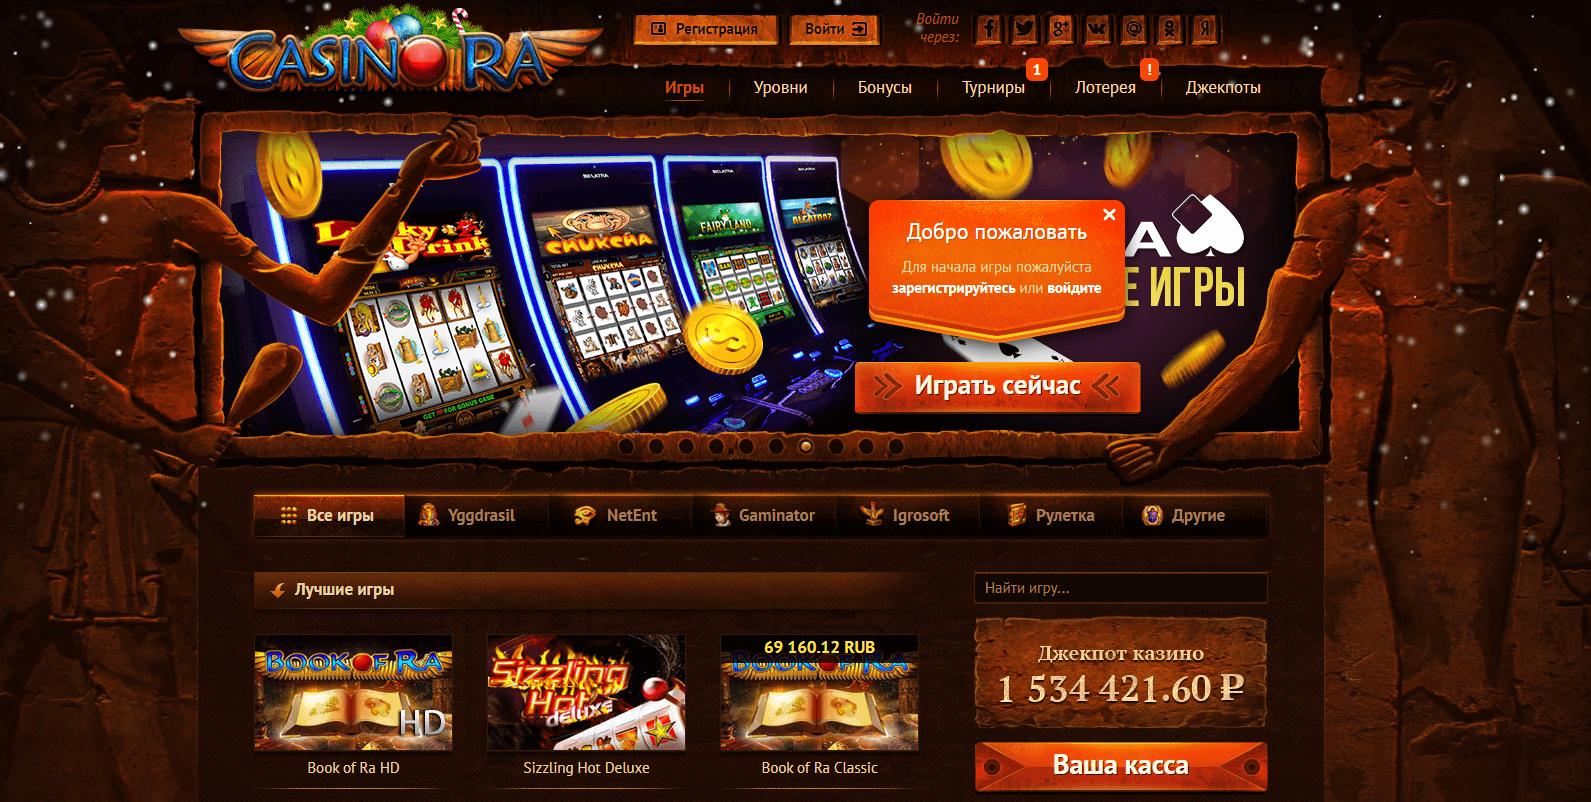 Официальный сайт Casino Ra